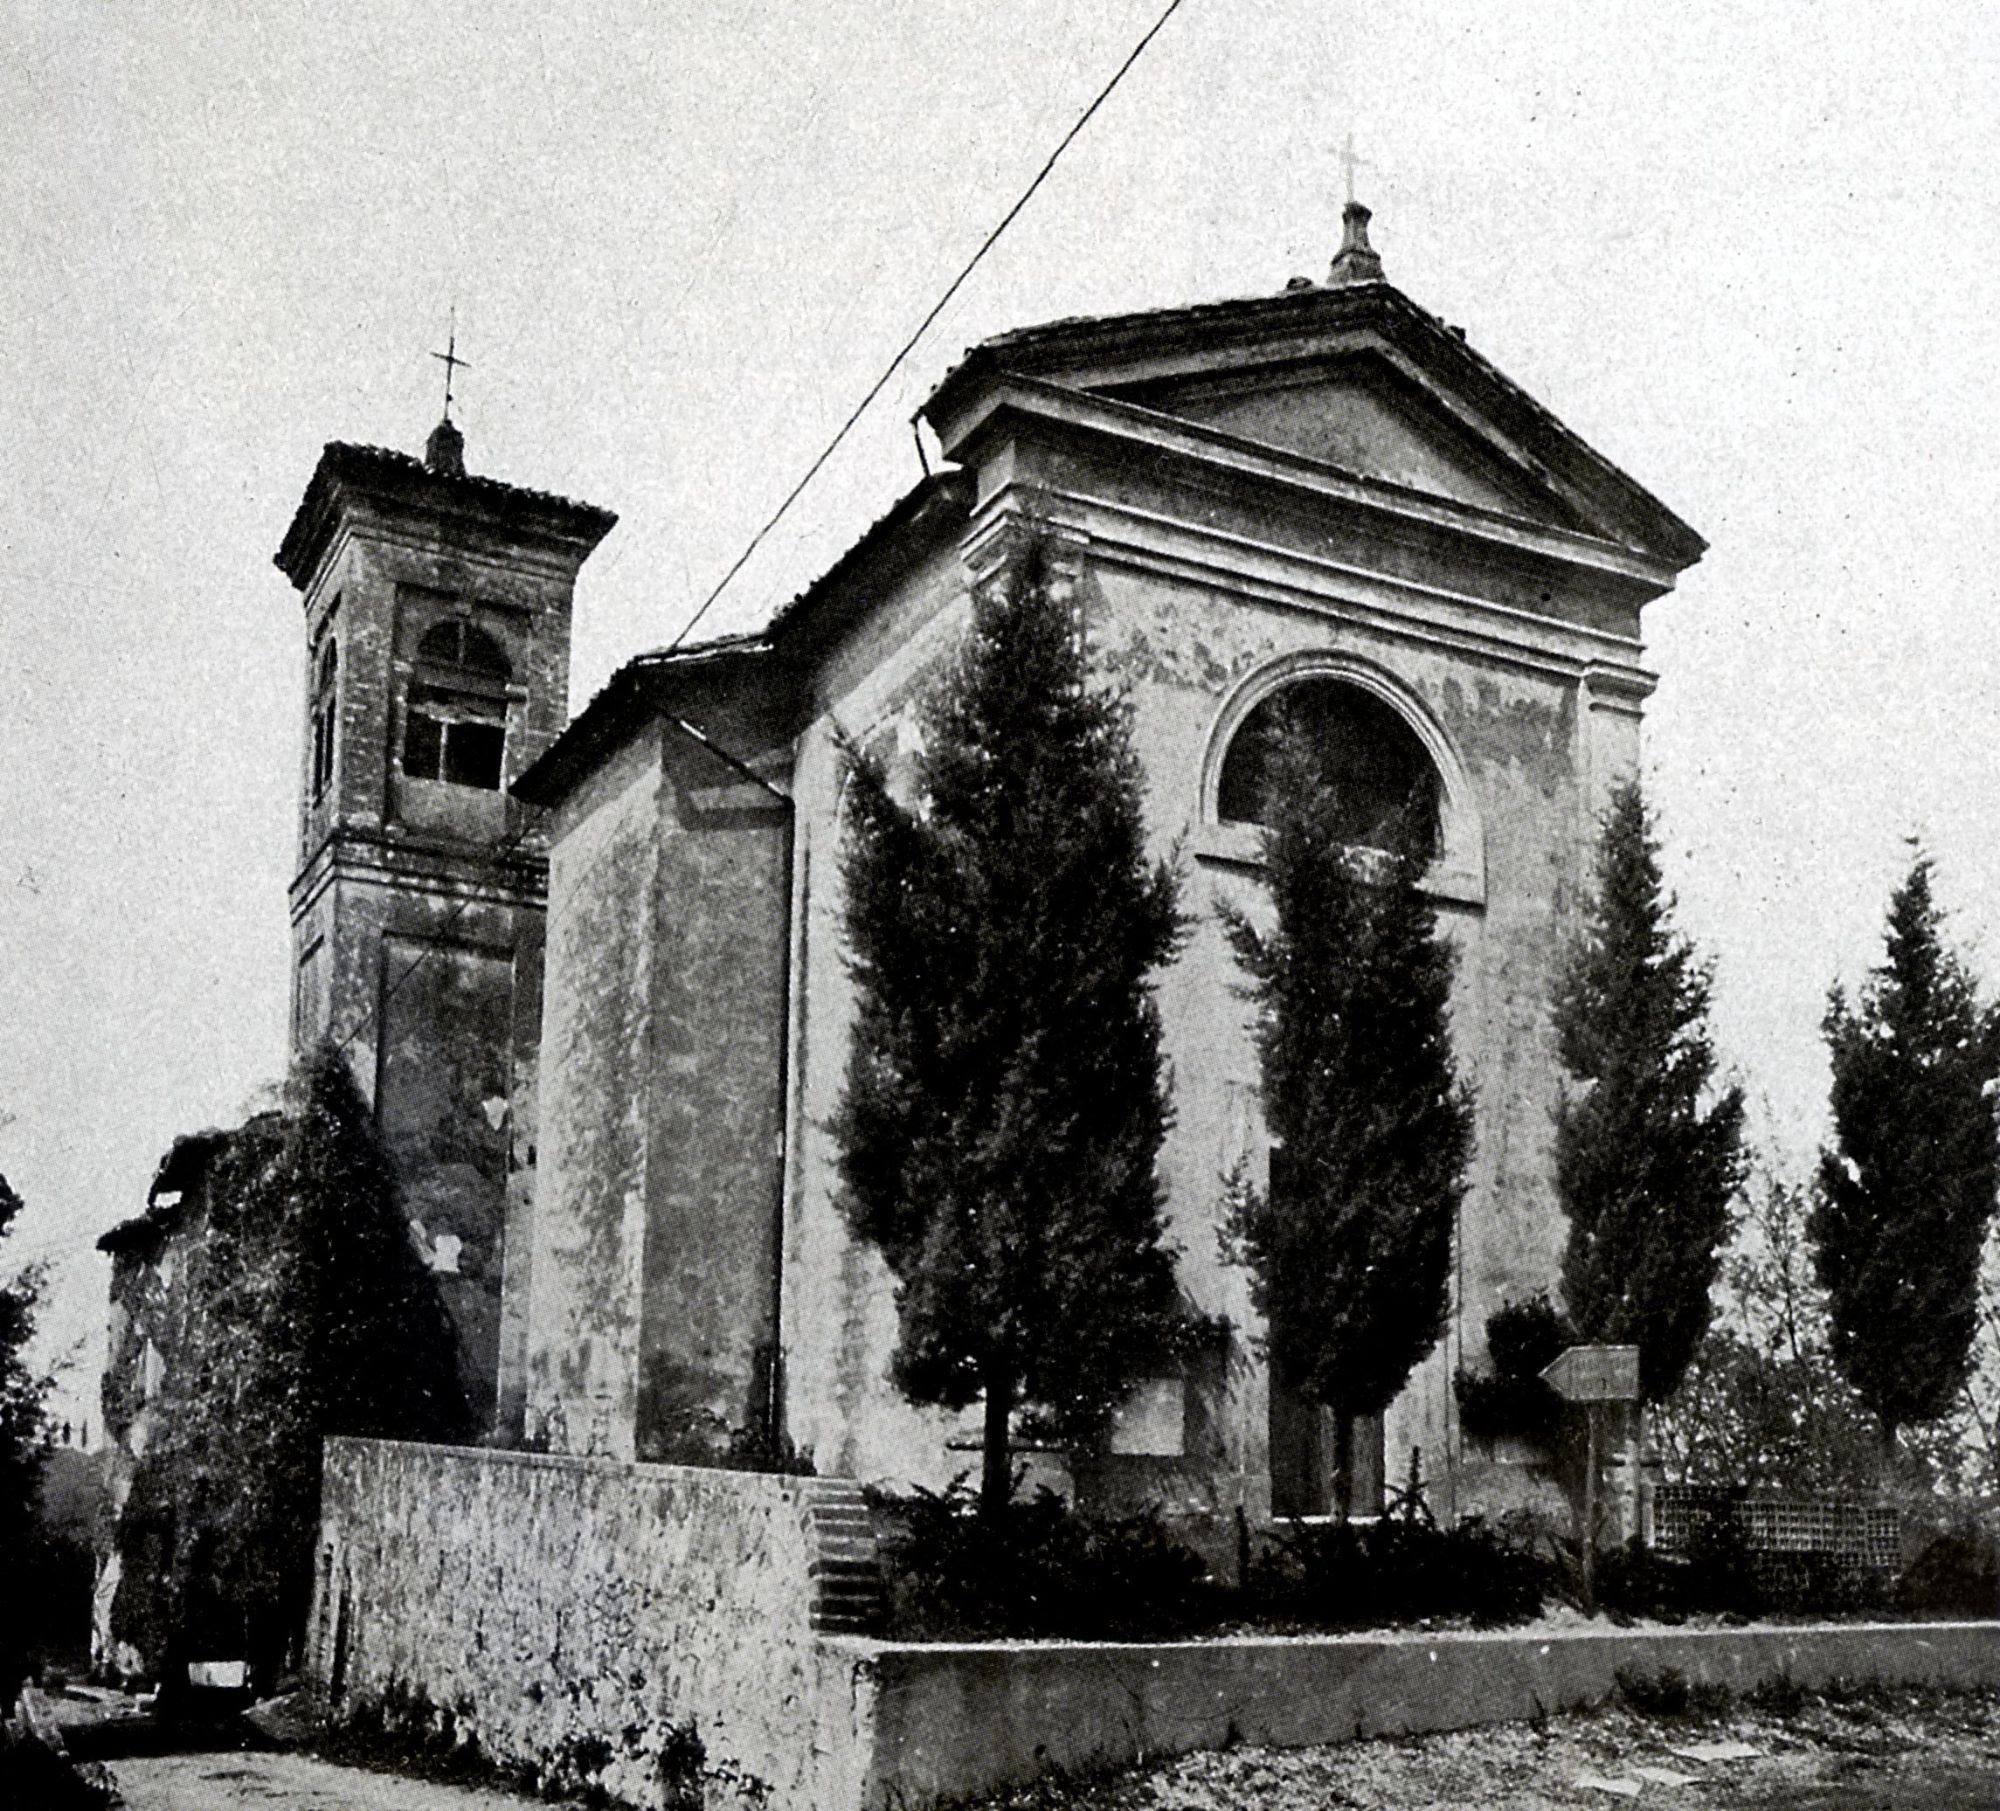 Escursione - Passeggiata tra le Chiese storiche di Sasso Marconi